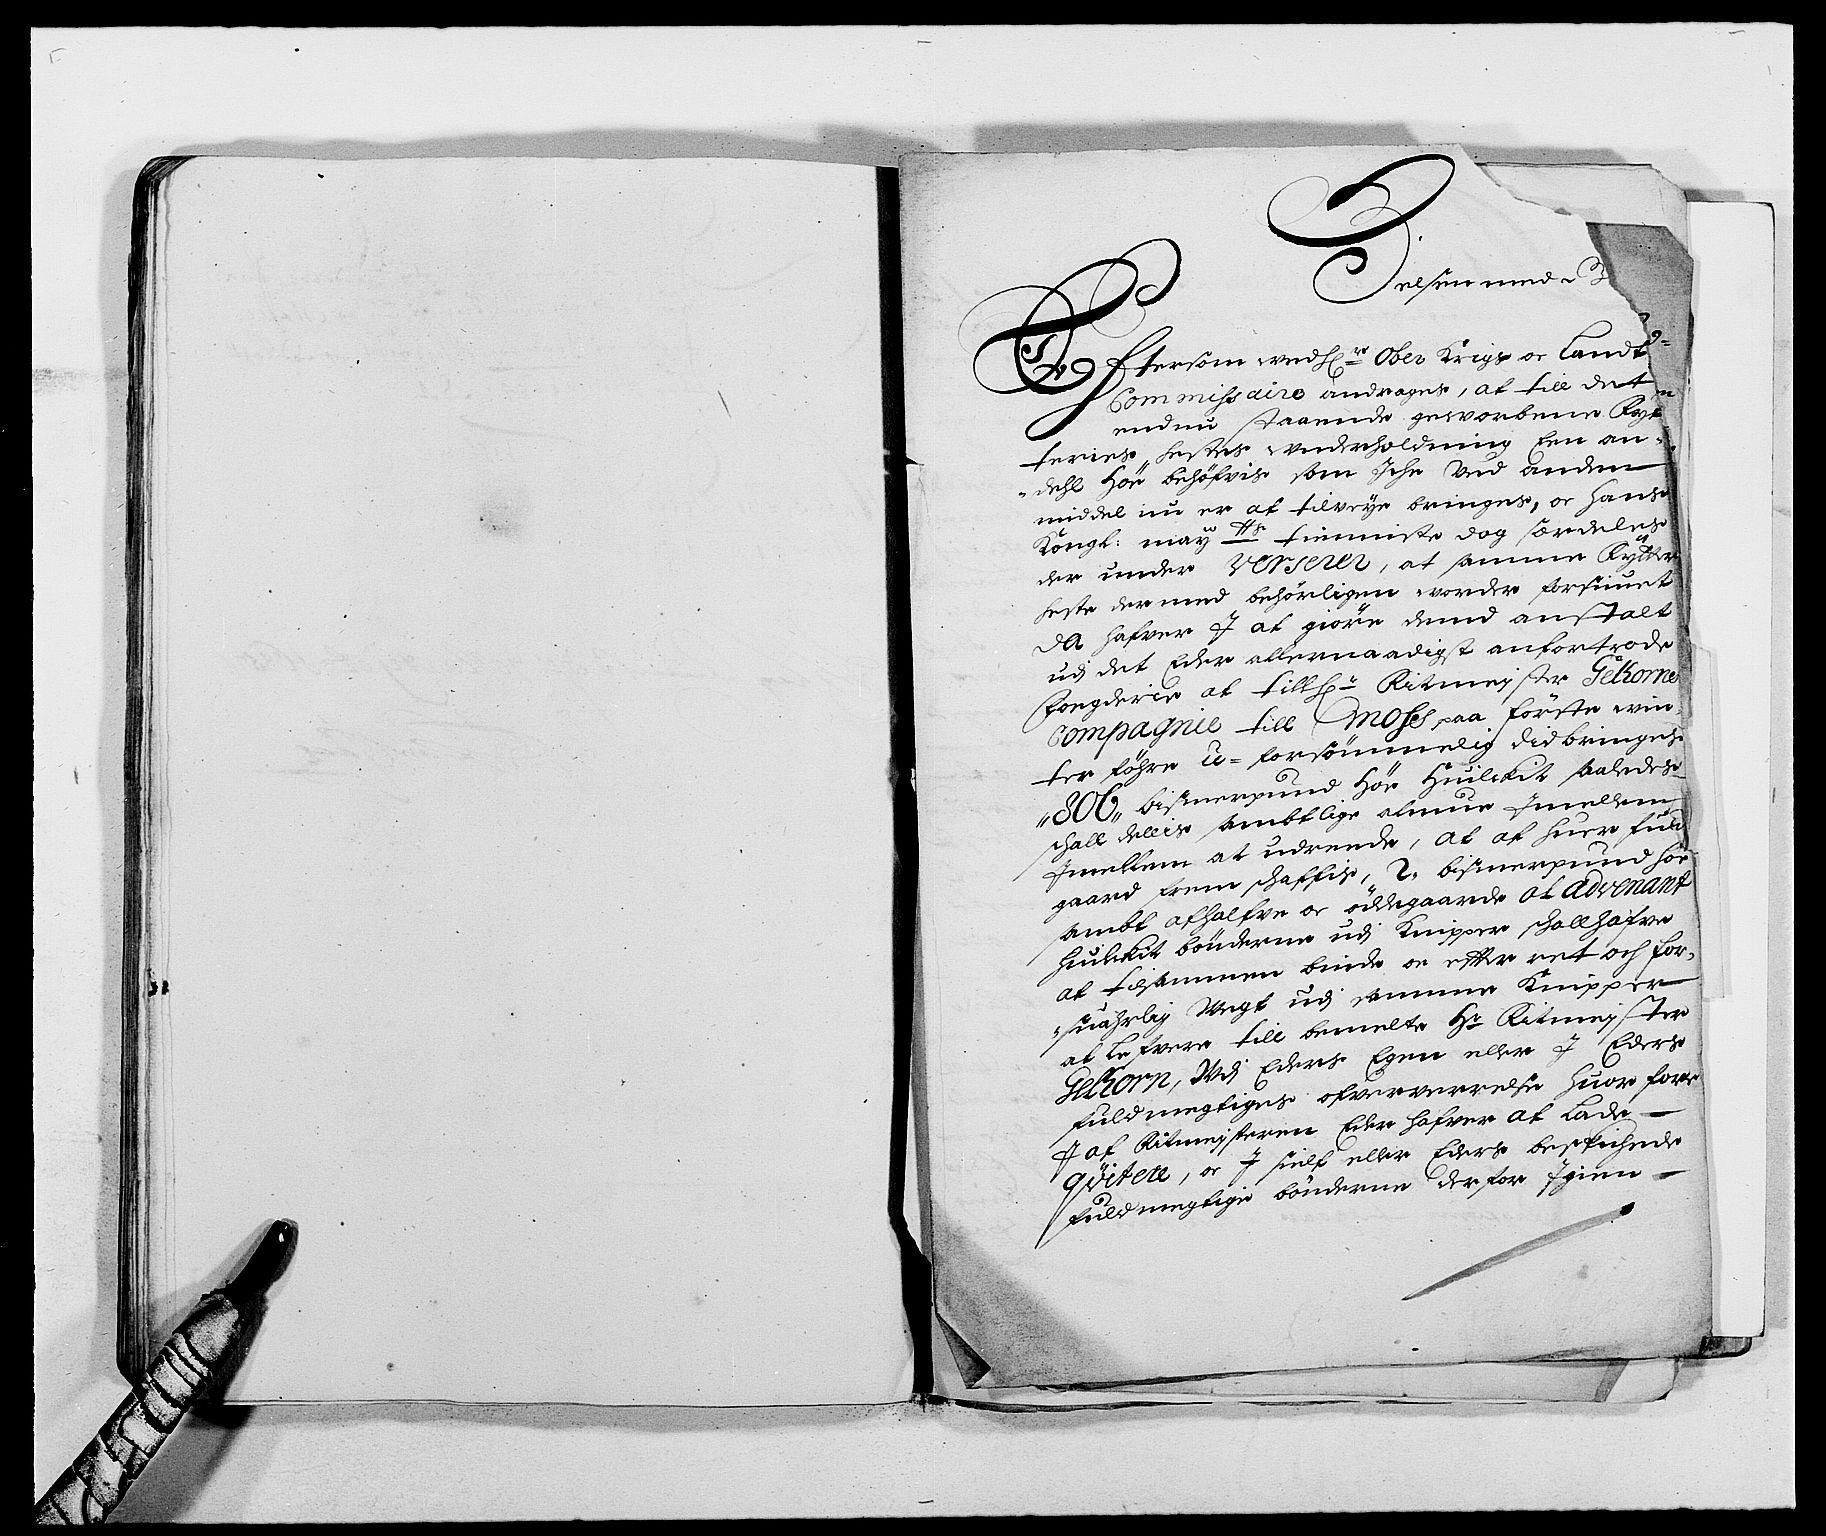 RA, Rentekammeret inntil 1814, Reviderte regnskaper, Fogderegnskap, R02/L0104: Fogderegnskap Moss og Verne kloster, 1682-1684, s. 218